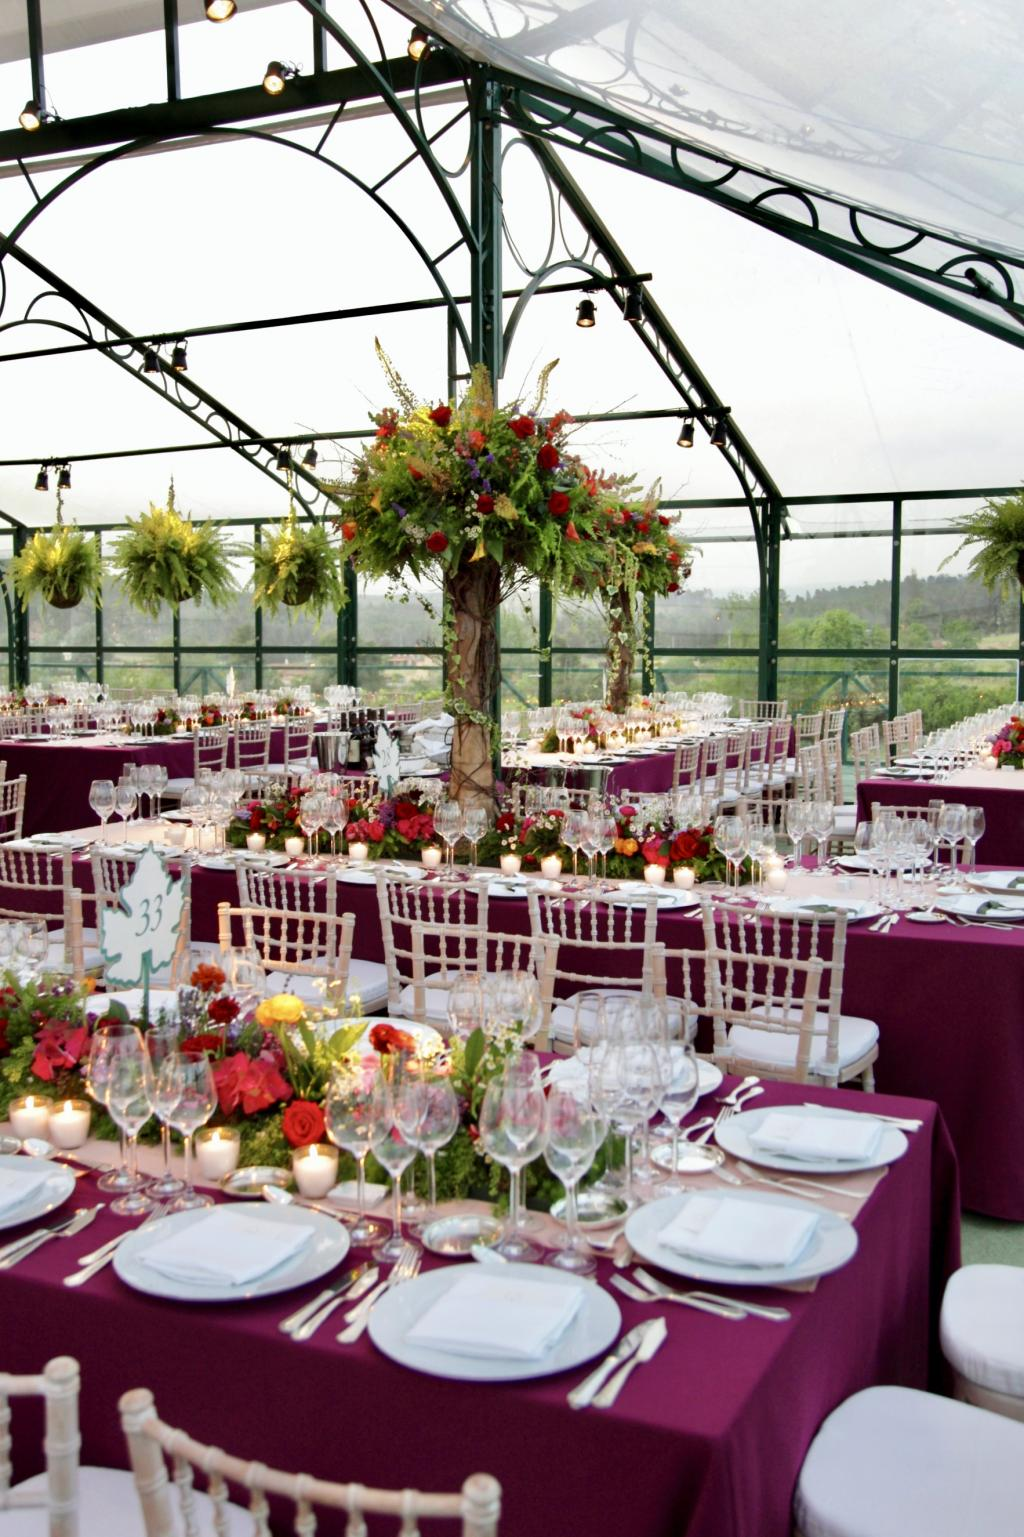 G&I Athens wedding - Image 19